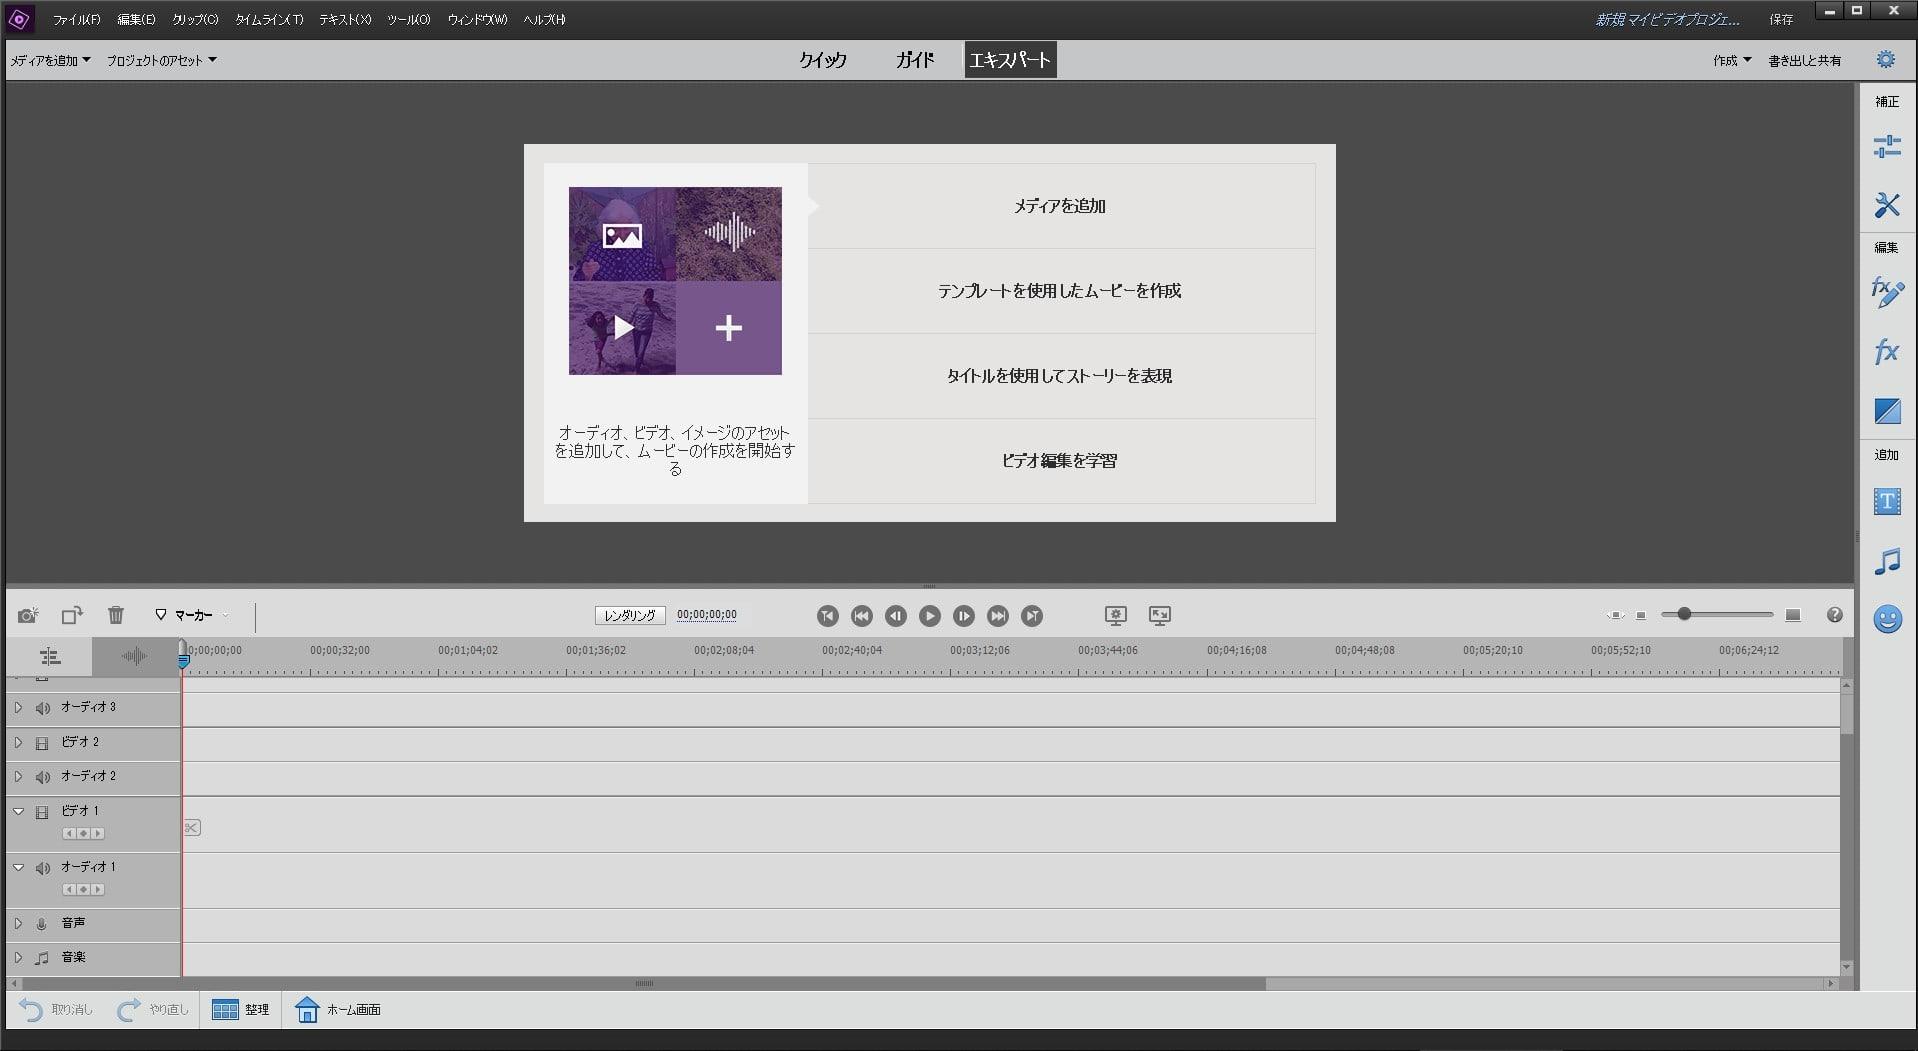 エキスパートモード Adobe Premiere Elements2019の使い方(1) 機能の紹介 動画編集ソフト アドビプレミアエレメンツ入門